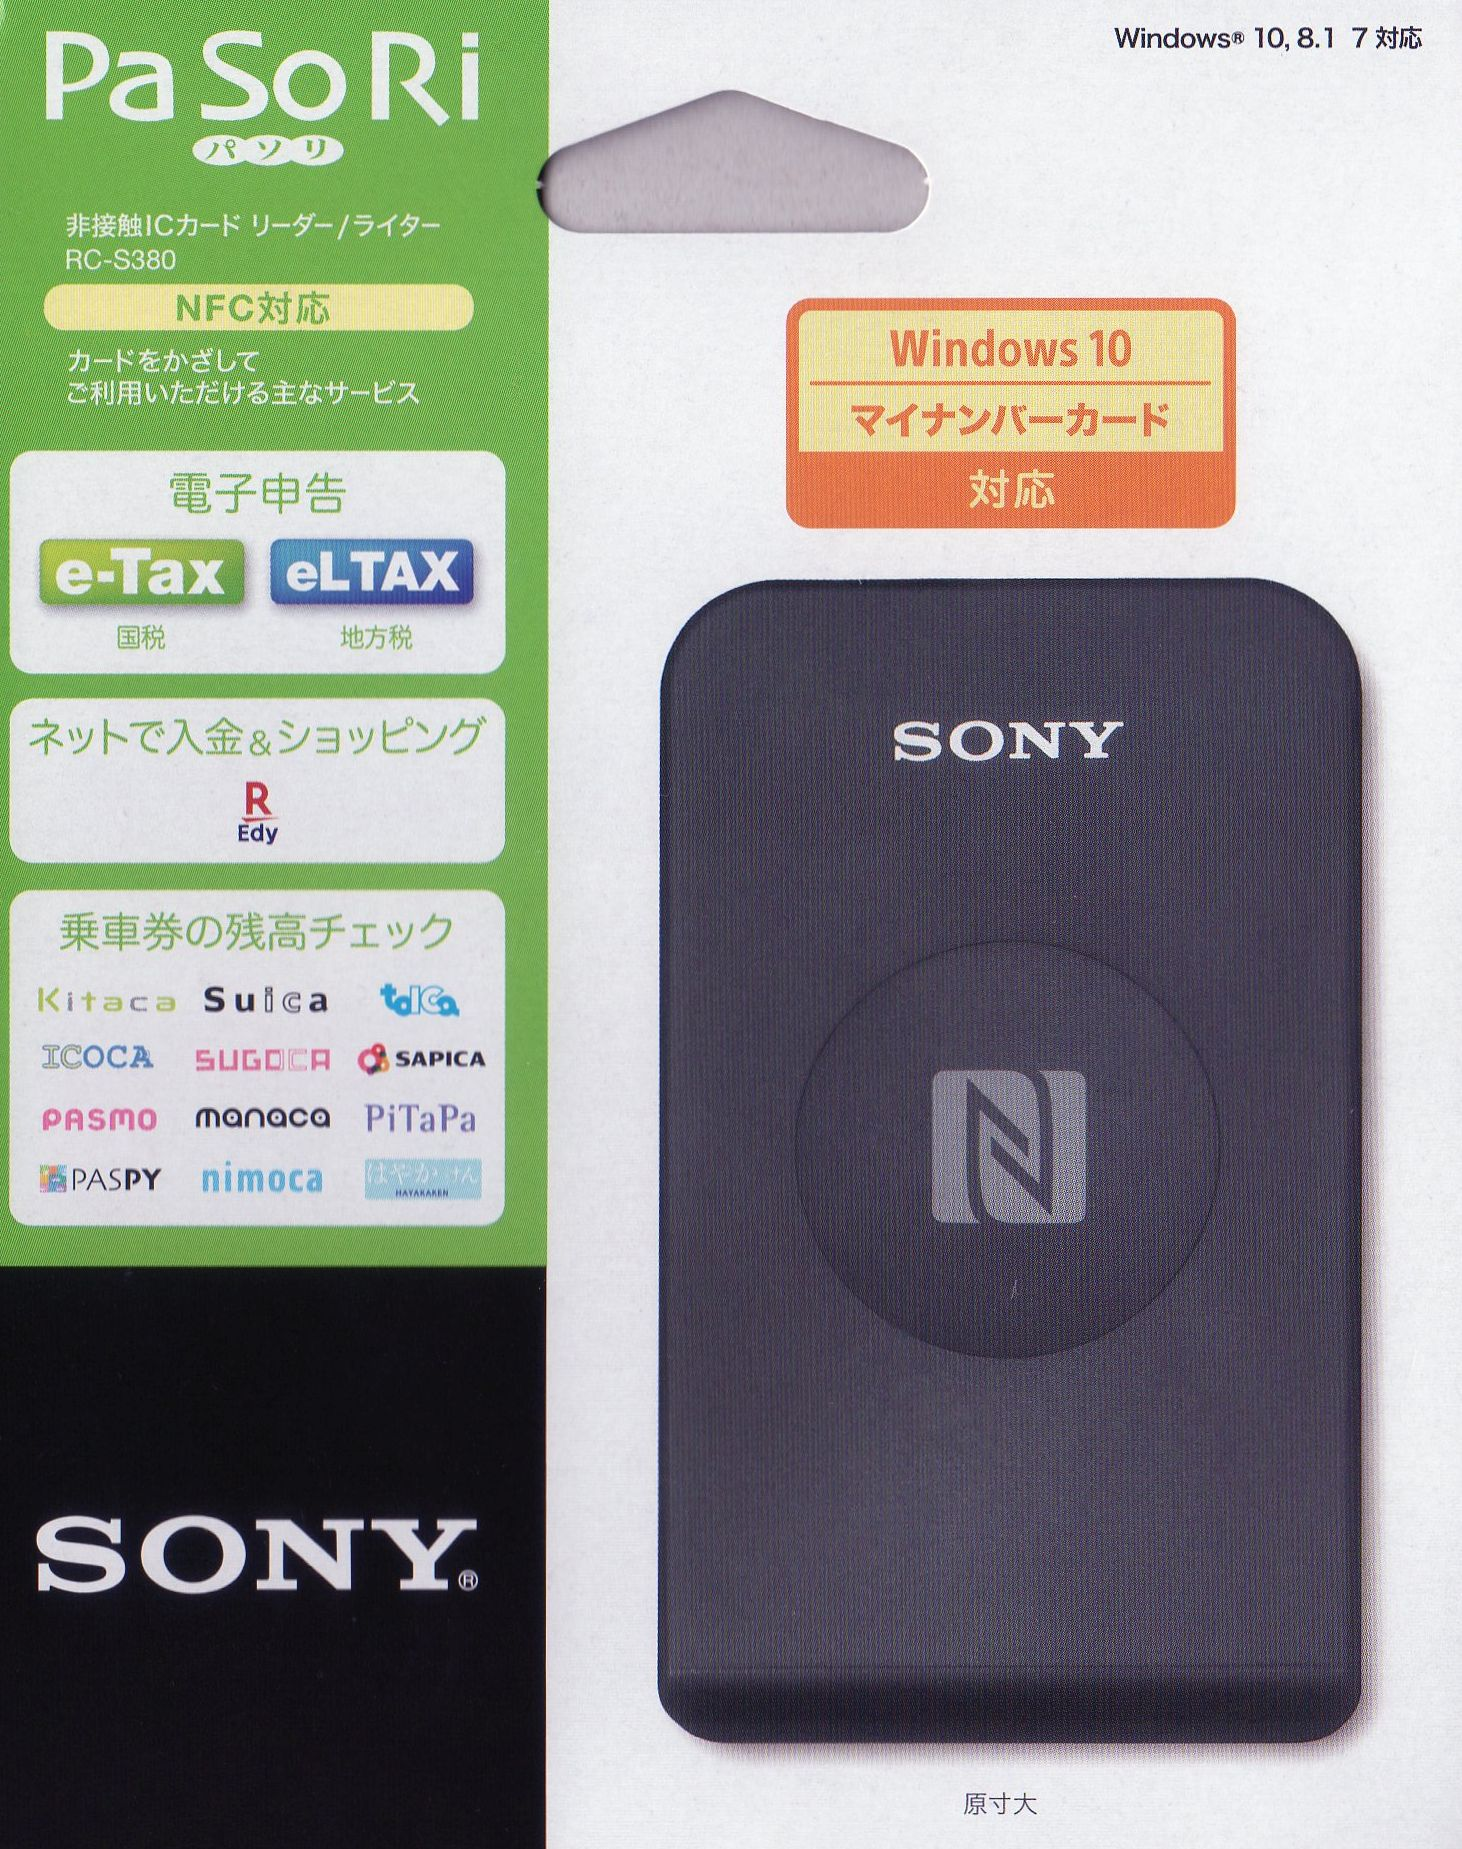 このnfcタグをサポートしているアプリはありません マイナンバーカード